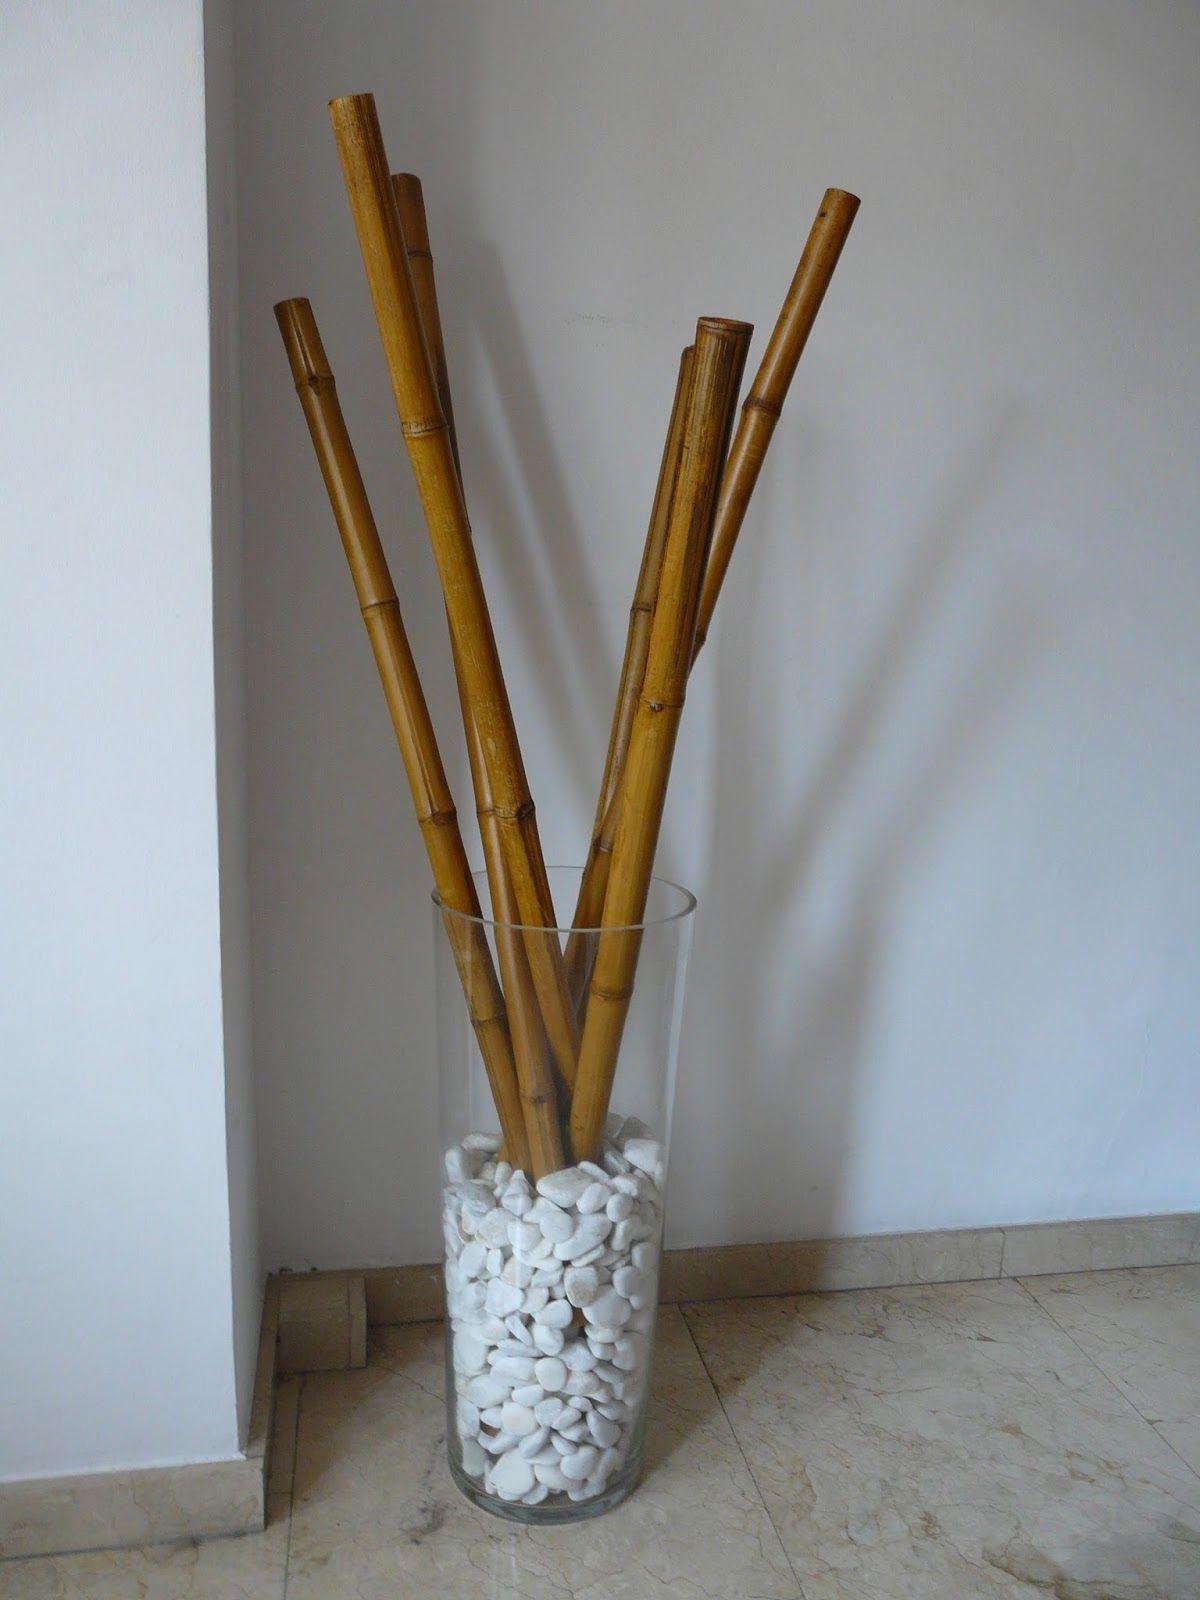 Jarrones Con Piñas Buscar Con Google Jarrones Decorativos Decoracion Con Bambu Cañas De Bambu